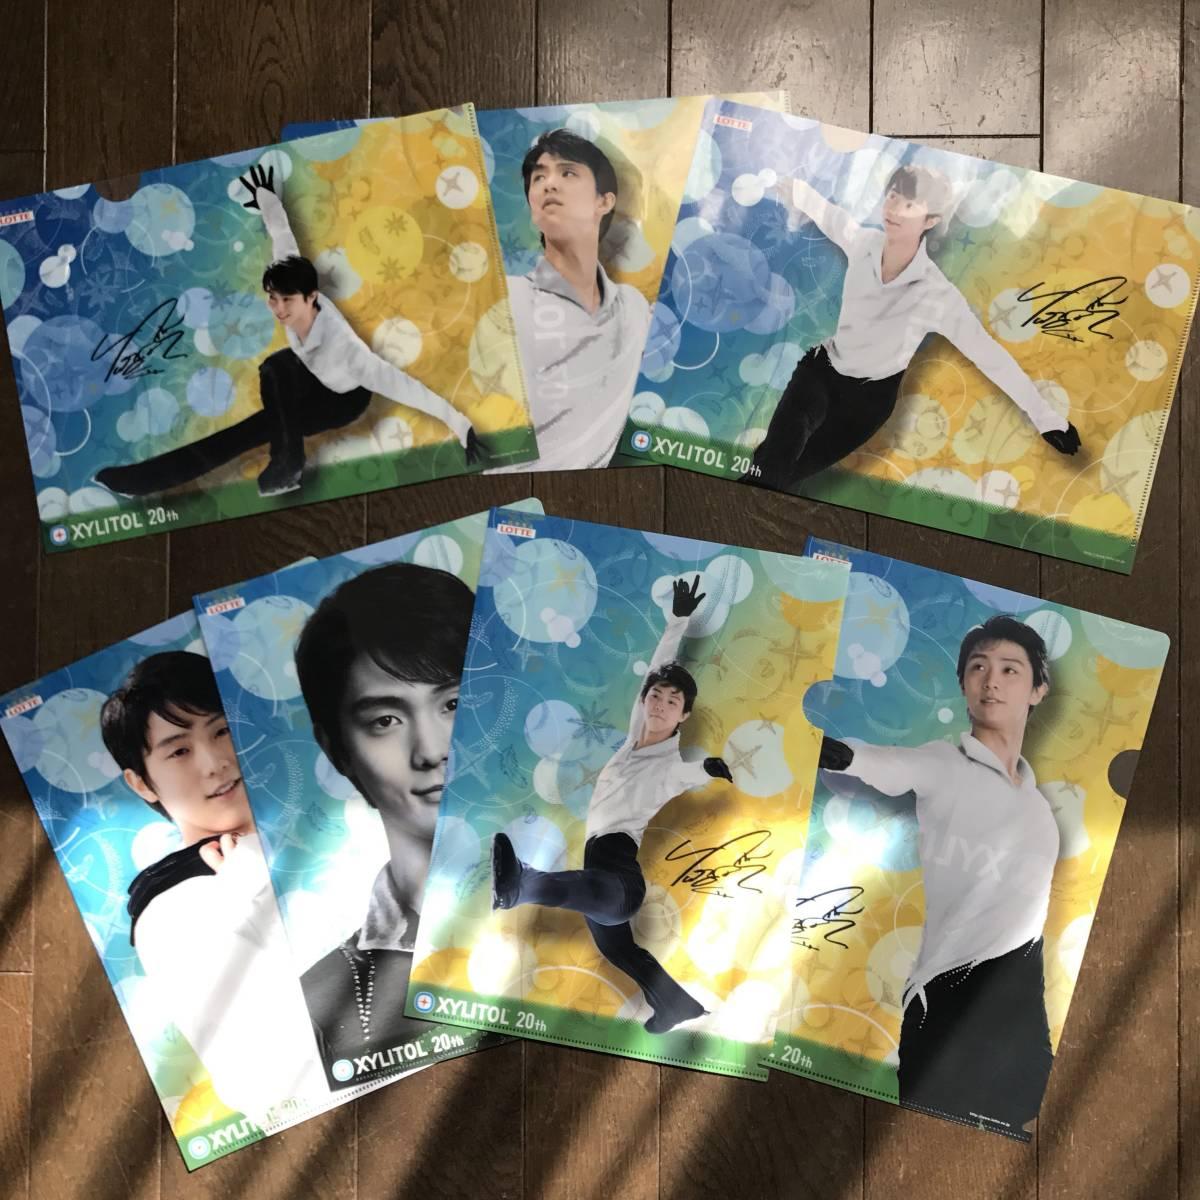 全7種 羽生結弦 クリアファイル キシリトール 送料164円 グッズの画像